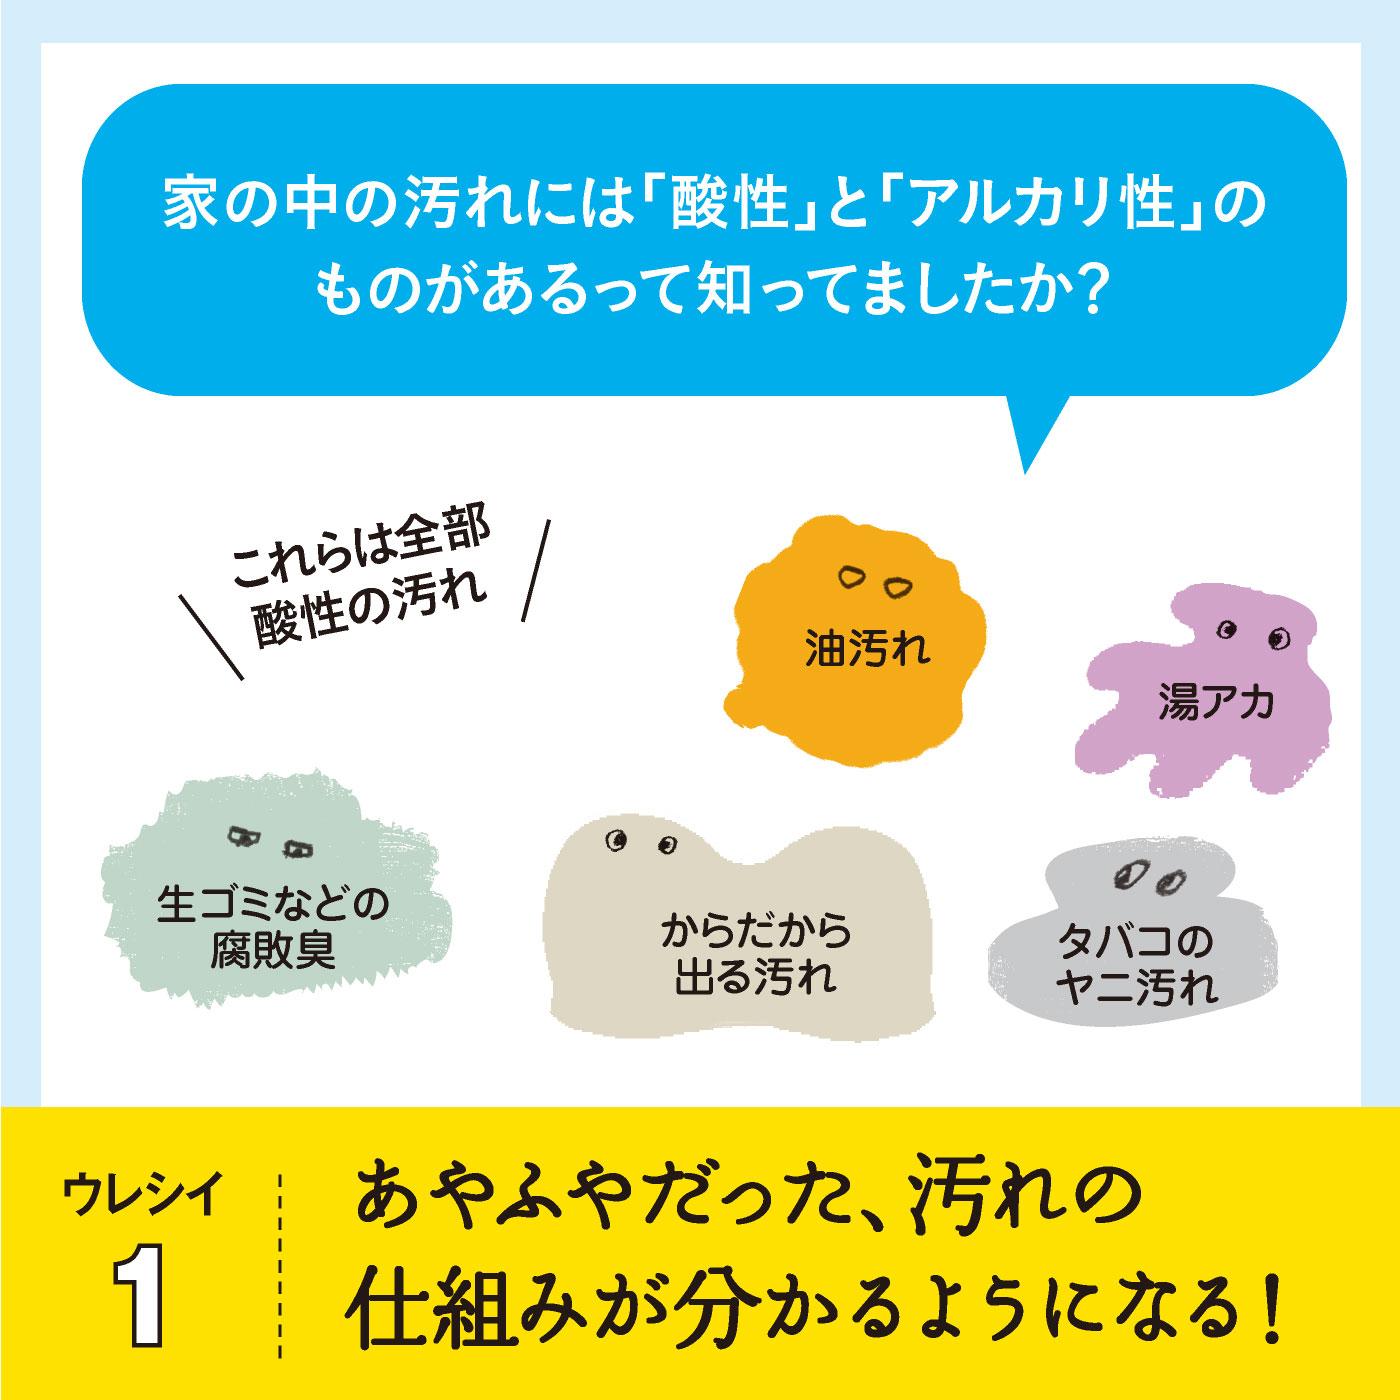 監修は、ナチュラルクリーニング講師 本橋ひろえさん。